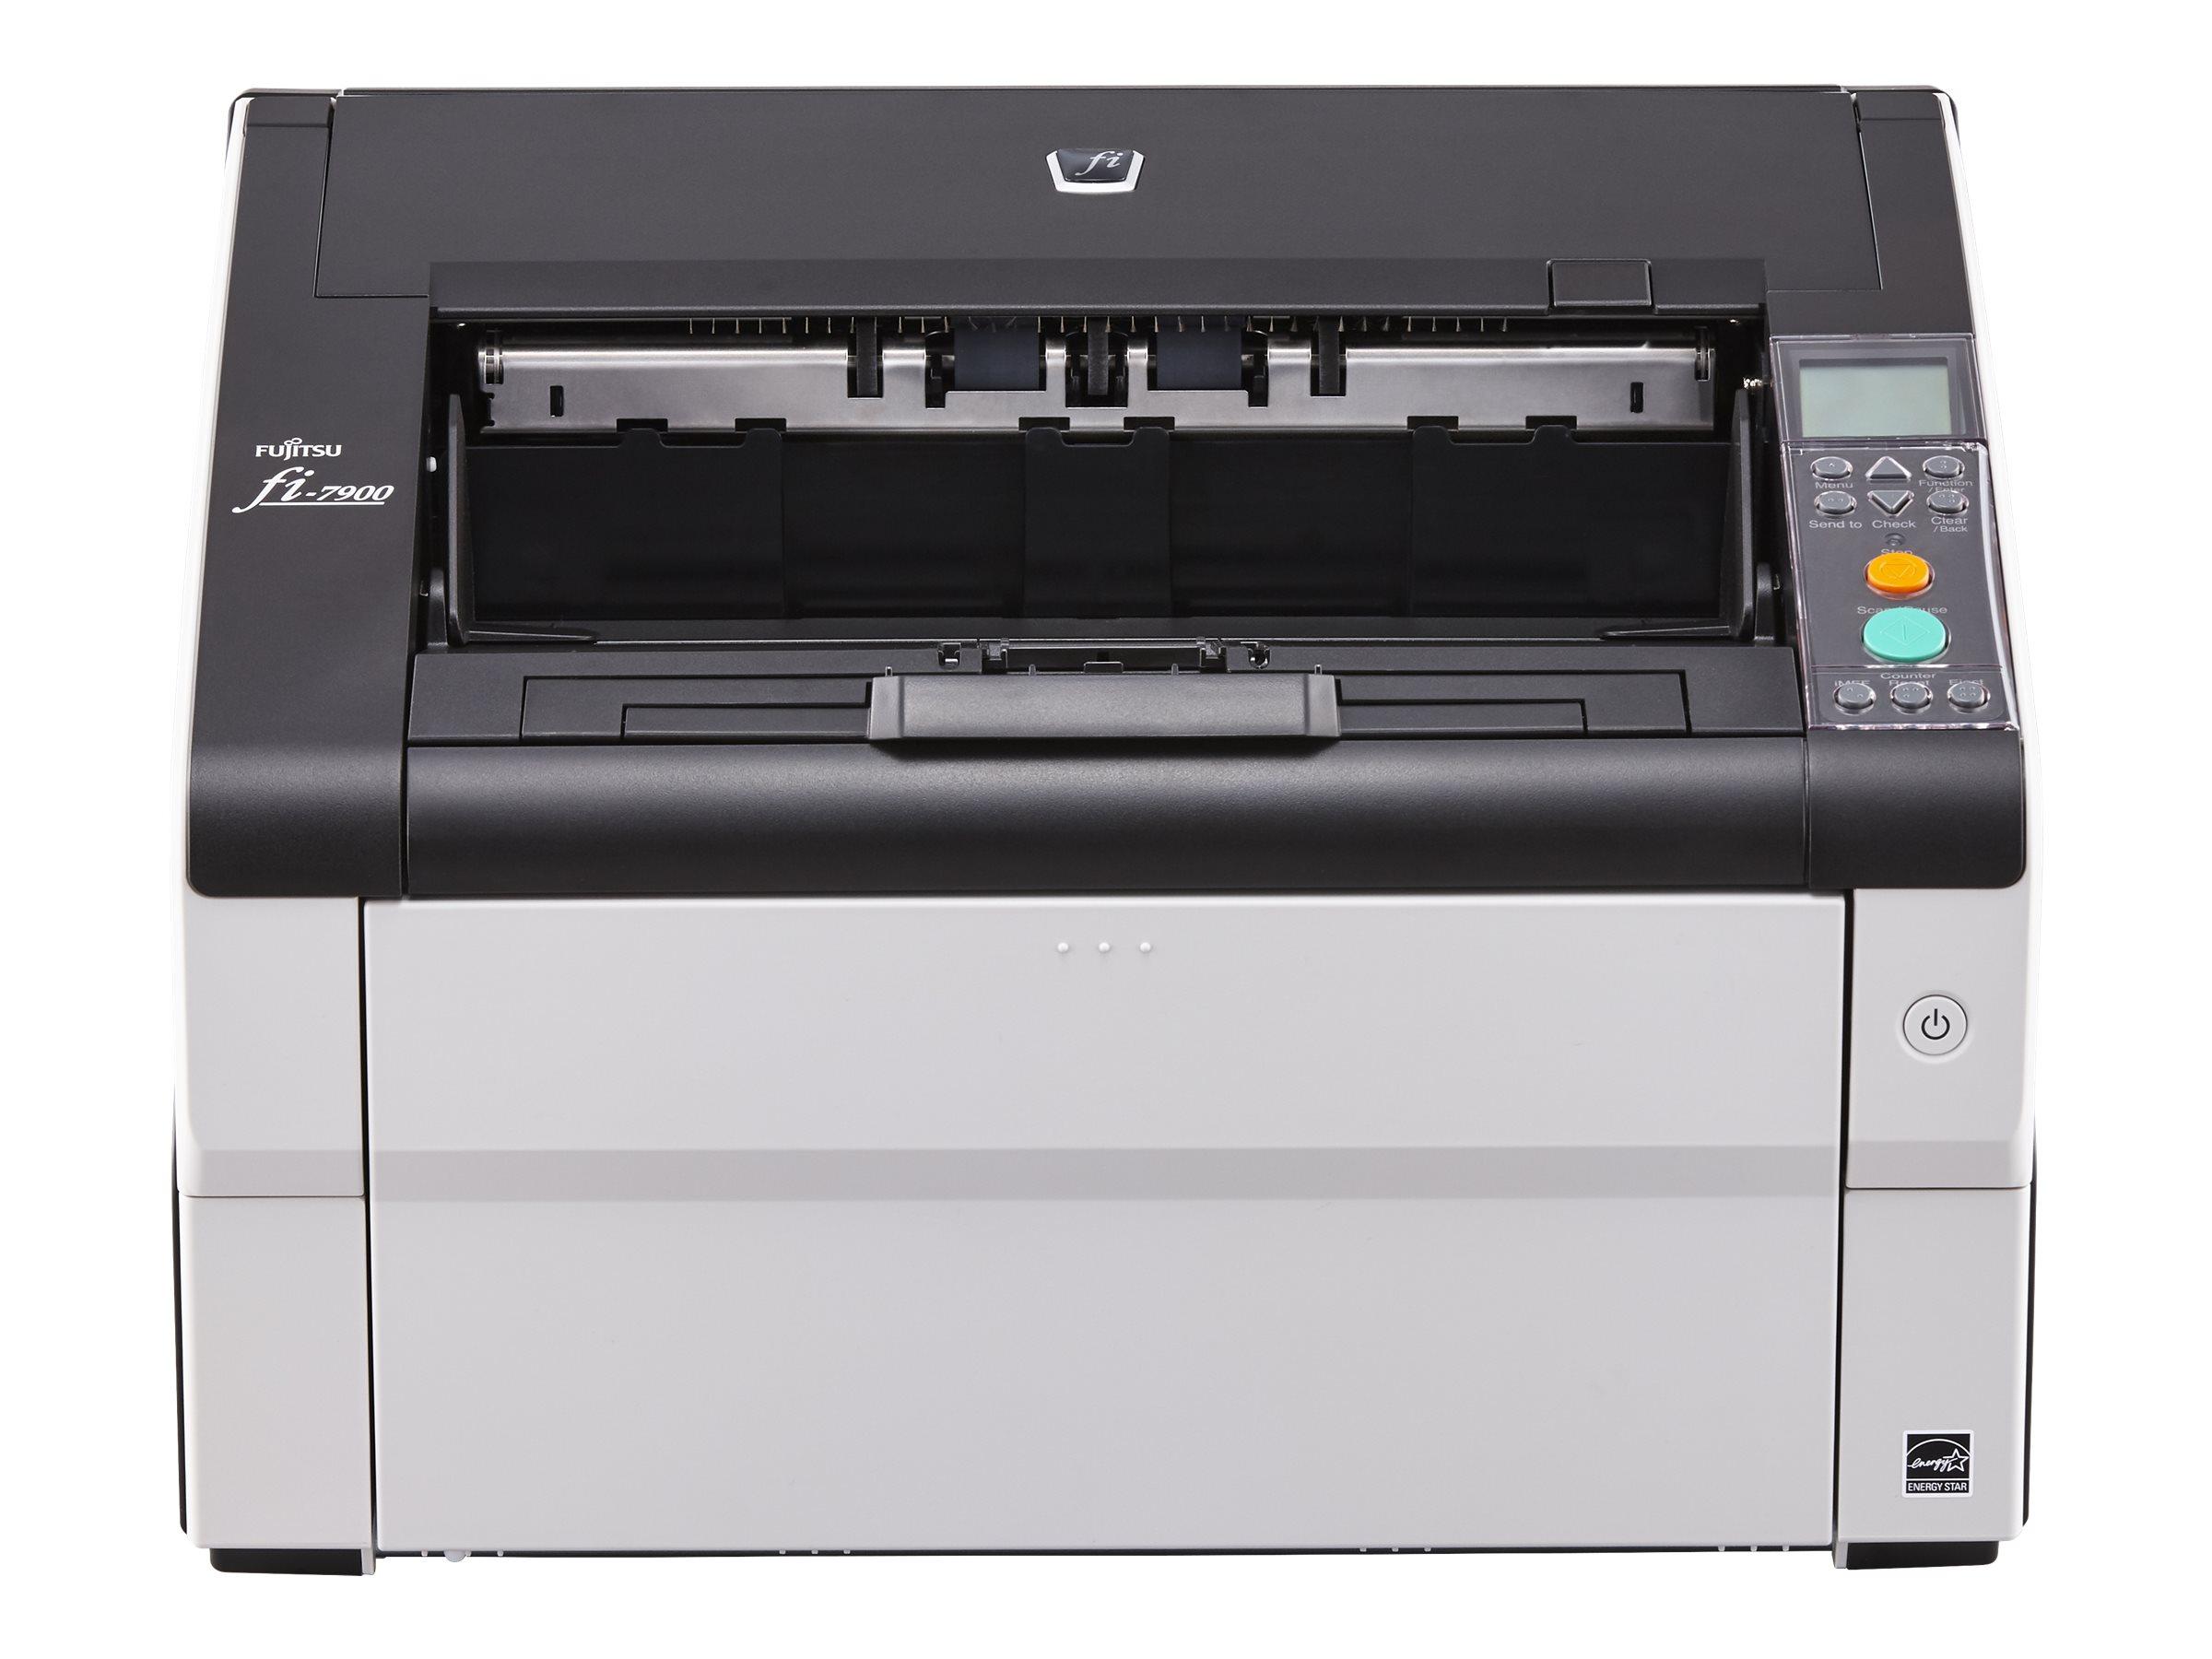 Fujitsu fi-7900 - Dokumentenscanner - Duplex - 304.8 x 431.8 mm - 600 dpi x 600 dpi - bis zu 140 Seiten/Min. (einfarbig) / bis z